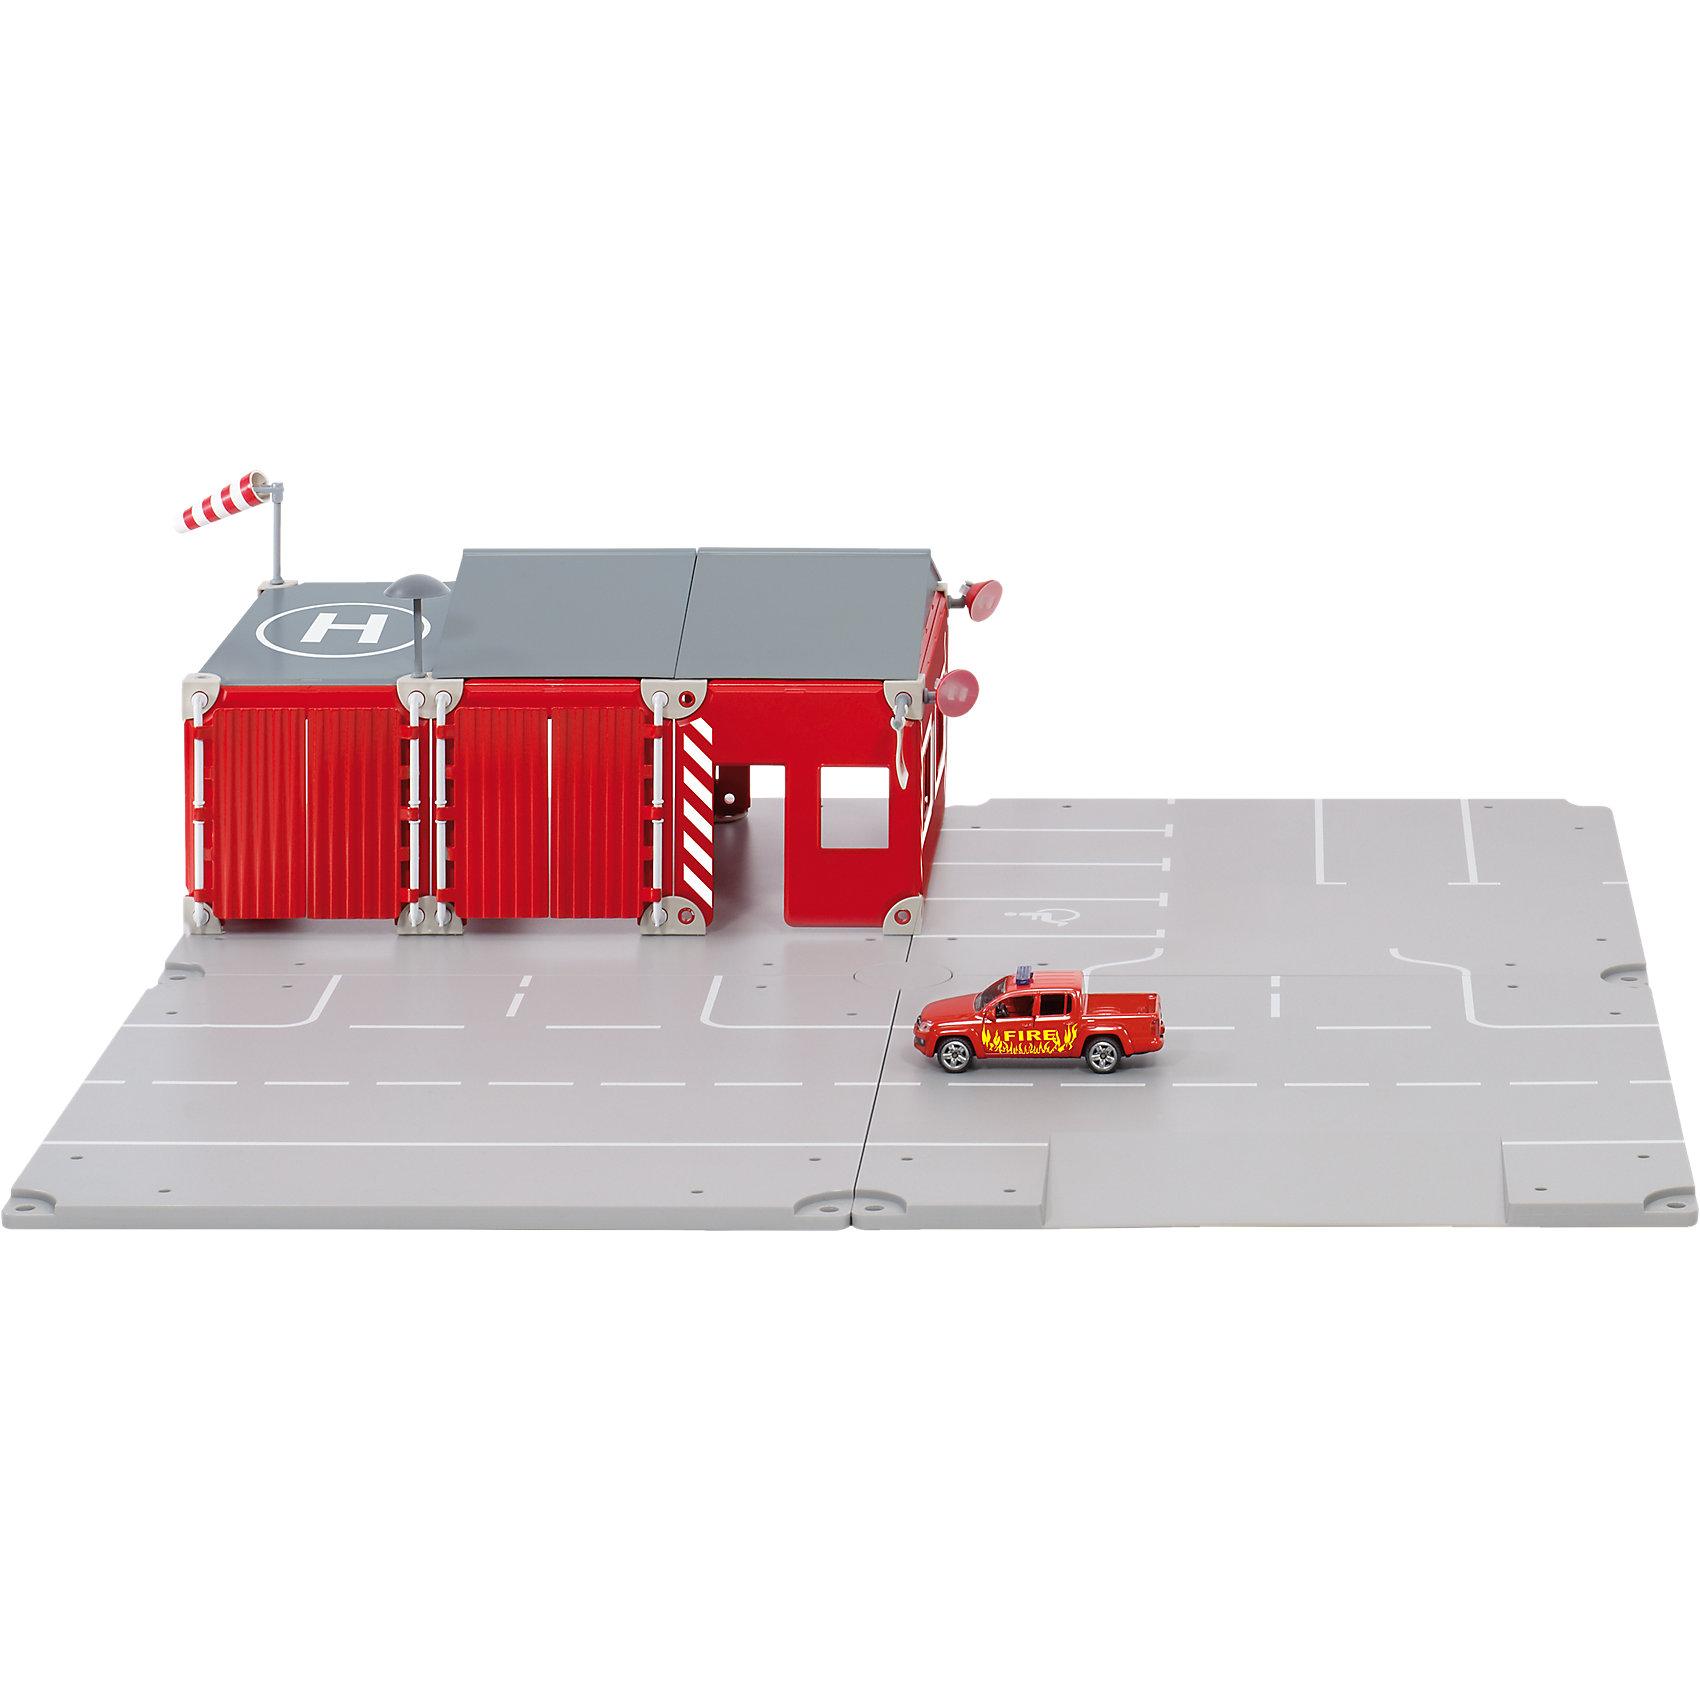 SIKU 5502 SIKU WORLD Набор Пожарная бригадаИгровой набор Пожарная бригада, Siku World, станет замечательным подарком для мальчика любого возраста. Большое разнообразие деталей и аксессуаров позволяют ребенку создавать различные варианты дорожной инфраструктуры, ничем не ограничивая свою фантазию. В комплекте Вы найдете детали для сборки  участка дороги с нанесенной разметкой, пожарную машину и множество аксессуаров. Большое красное здание пожарного депо с прекрасно выполненными деталями придает игре реалистичности и делают ее еще интересней. Все аксессуары хорошо держаться на платформе благодаря специальным креплениям. Набор поможет развить фантазию, воображение и мелкую моторику, познакомит ребенка с простыми правилами дорожного движения. Подходит для игры с моделями масштаба 1:50 или меньше.<br><br>Дополнительная информация:<br><br>- В комплекте: 4 детали дорожного полотна, пожарное депо с крышей, 1 пожарная машина, сирена, флаг, ветрозащита, аксессуары. <br>- Материал: пластик, металл, резина.<br>- Размер упаковки: 38 x 28 x 6 см.<br>- Вес: 1,485 кг.<br><br> 5502 Набор Siku World Набор Пожарная бригада можно купить в нашем интернет-магазине.<br><br>Ширина мм: 389<br>Глубина мм: 289<br>Высота мм: 66<br>Вес г: 1496<br>Возраст от месяцев: 36<br>Возраст до месяцев: 96<br>Пол: Мужской<br>Возраст: Детский<br>SKU: 3716528